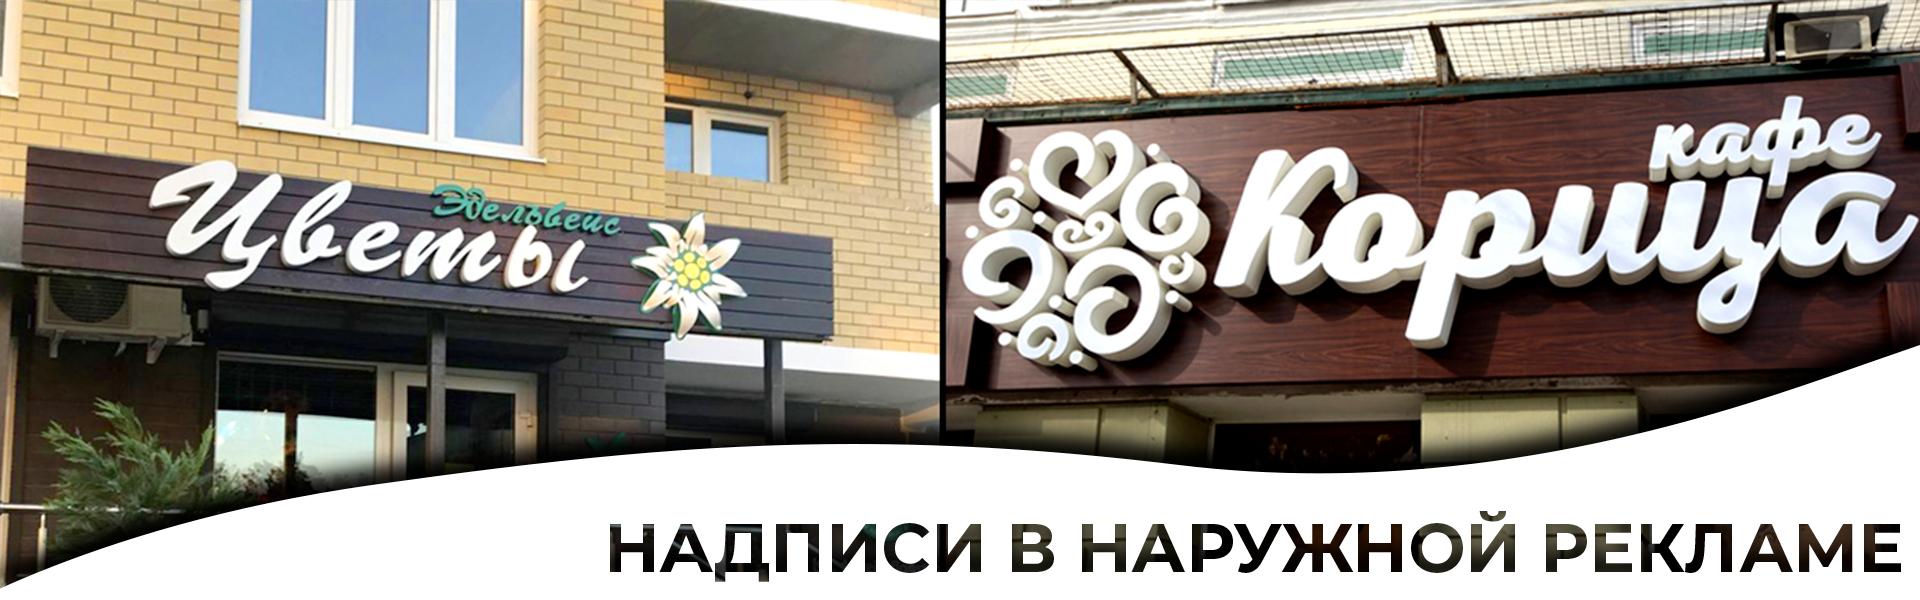 надписи в наружной рекламе